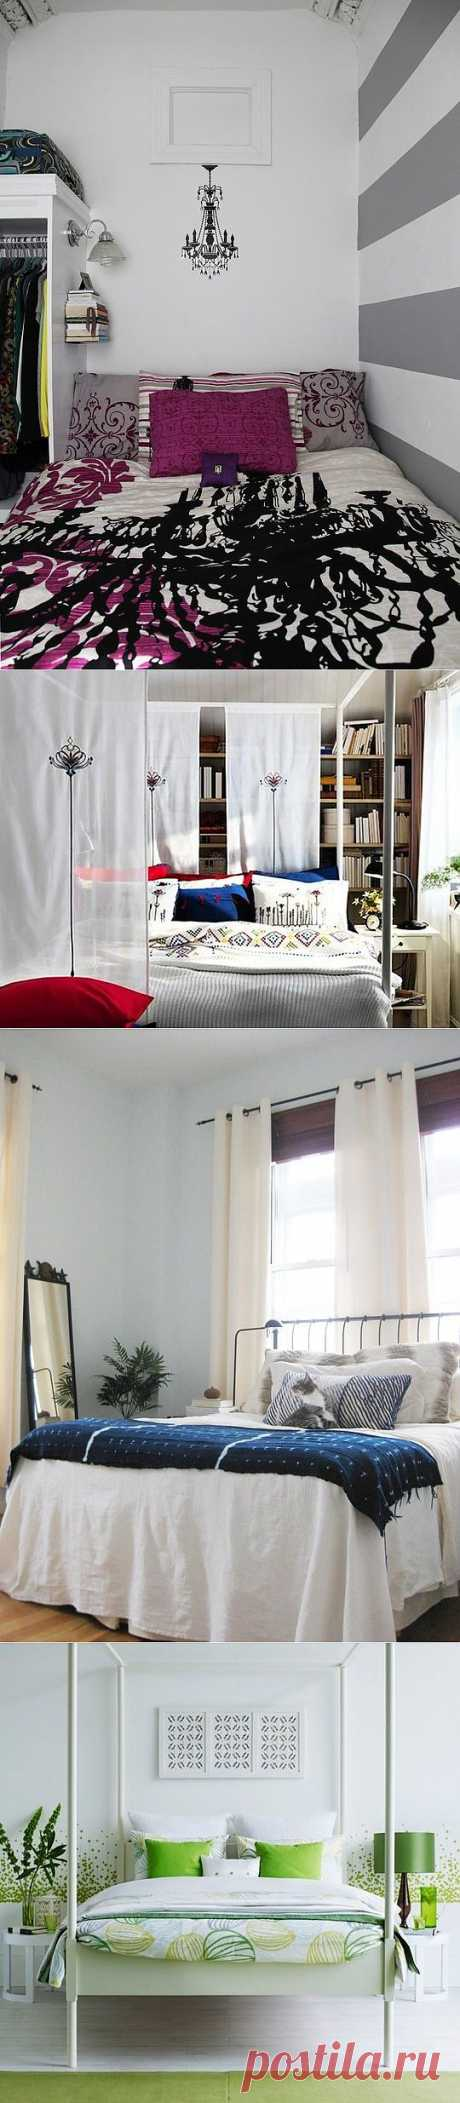 Красивые идеи для спальни и вообще / Спальня / Модный сайт о стильной переделке одежды и интерьера